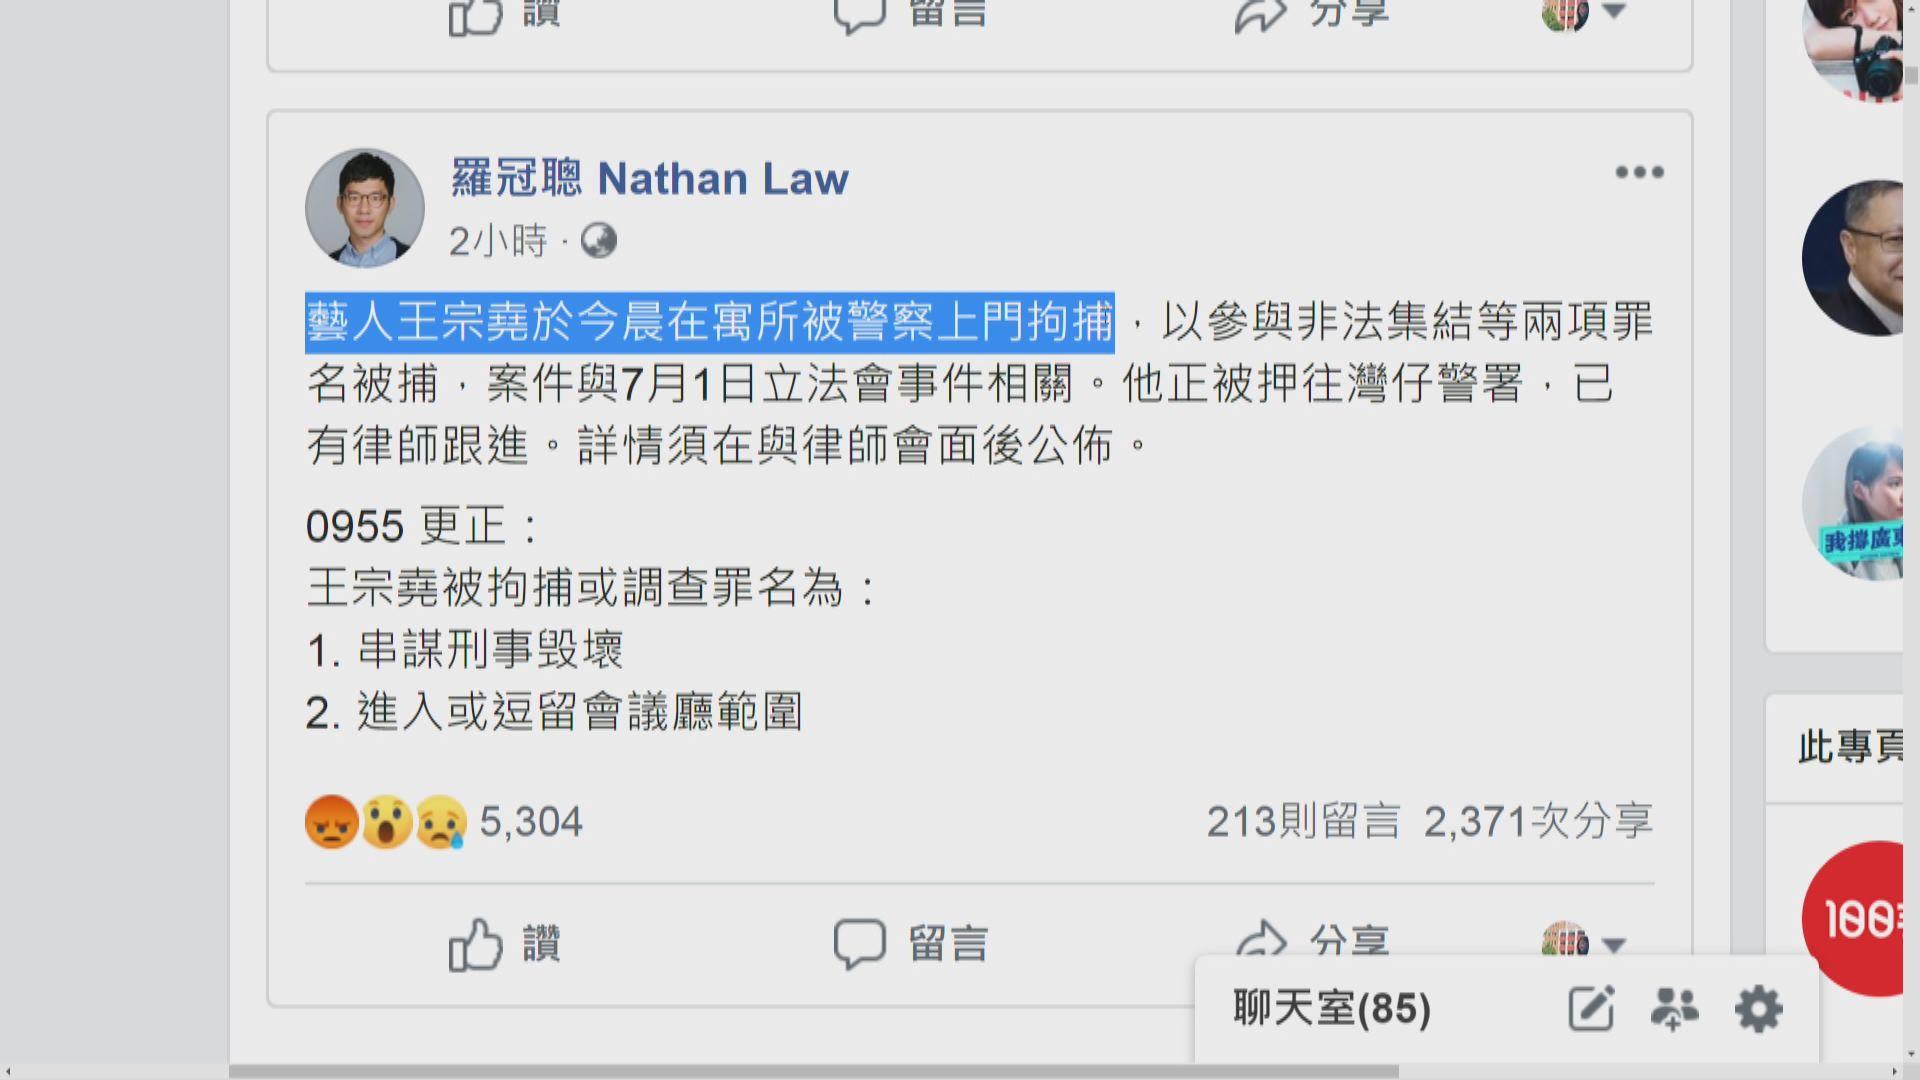 王宗堯及劉頴匡等被捕涉參與七一立會示威